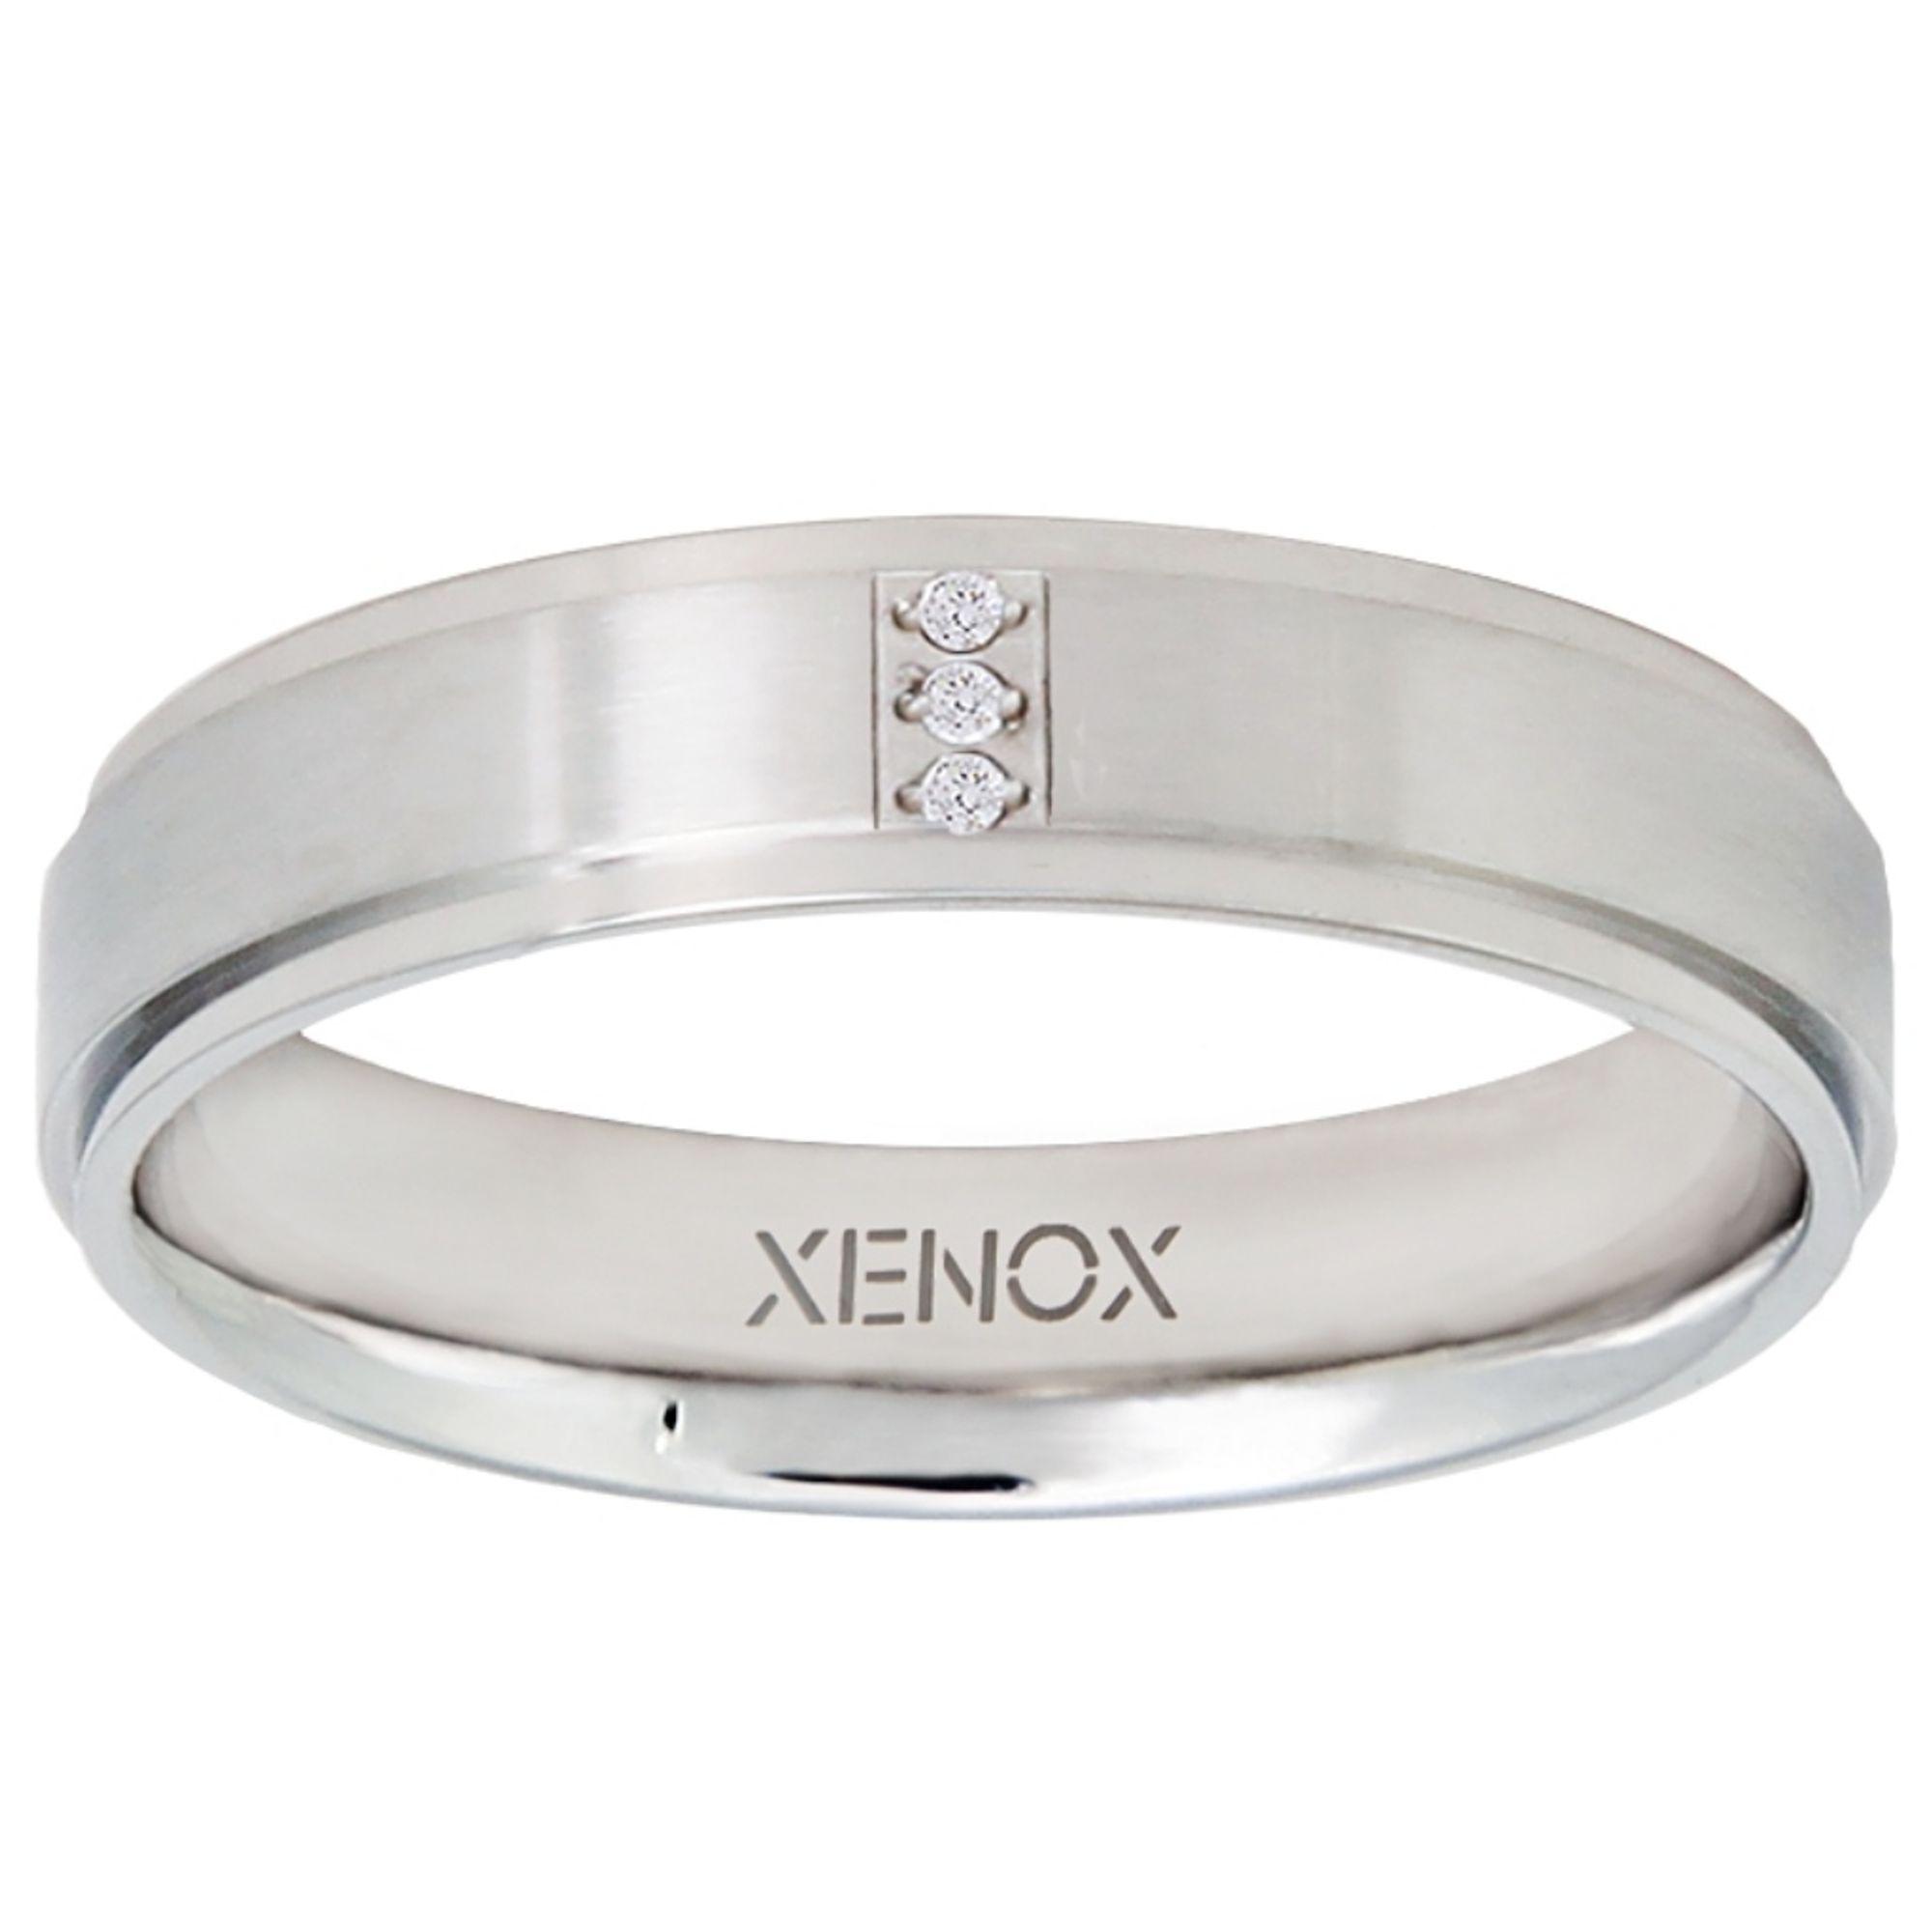 XENOX X2265-56 Damen Ring XENOX & friends Silber Weiß 56 (17.8)